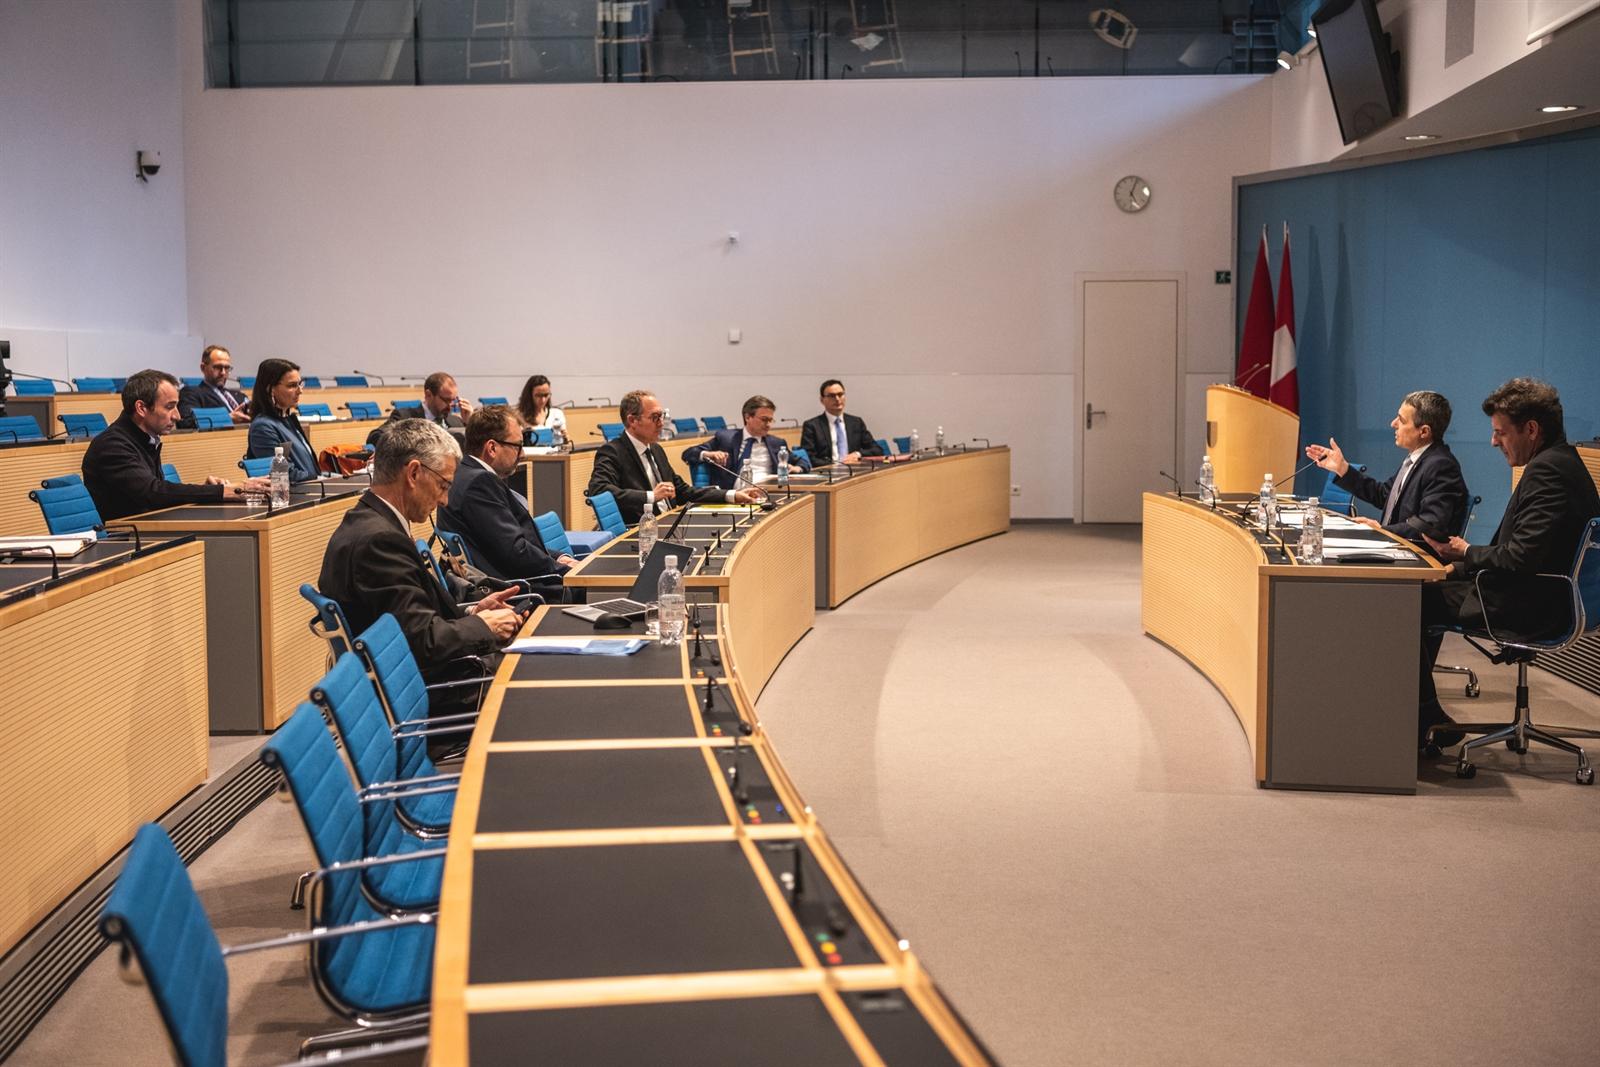 Agenzie Lavoro Canton Grigioni coronavirus: incontro tra i governi del cantone ticino e del